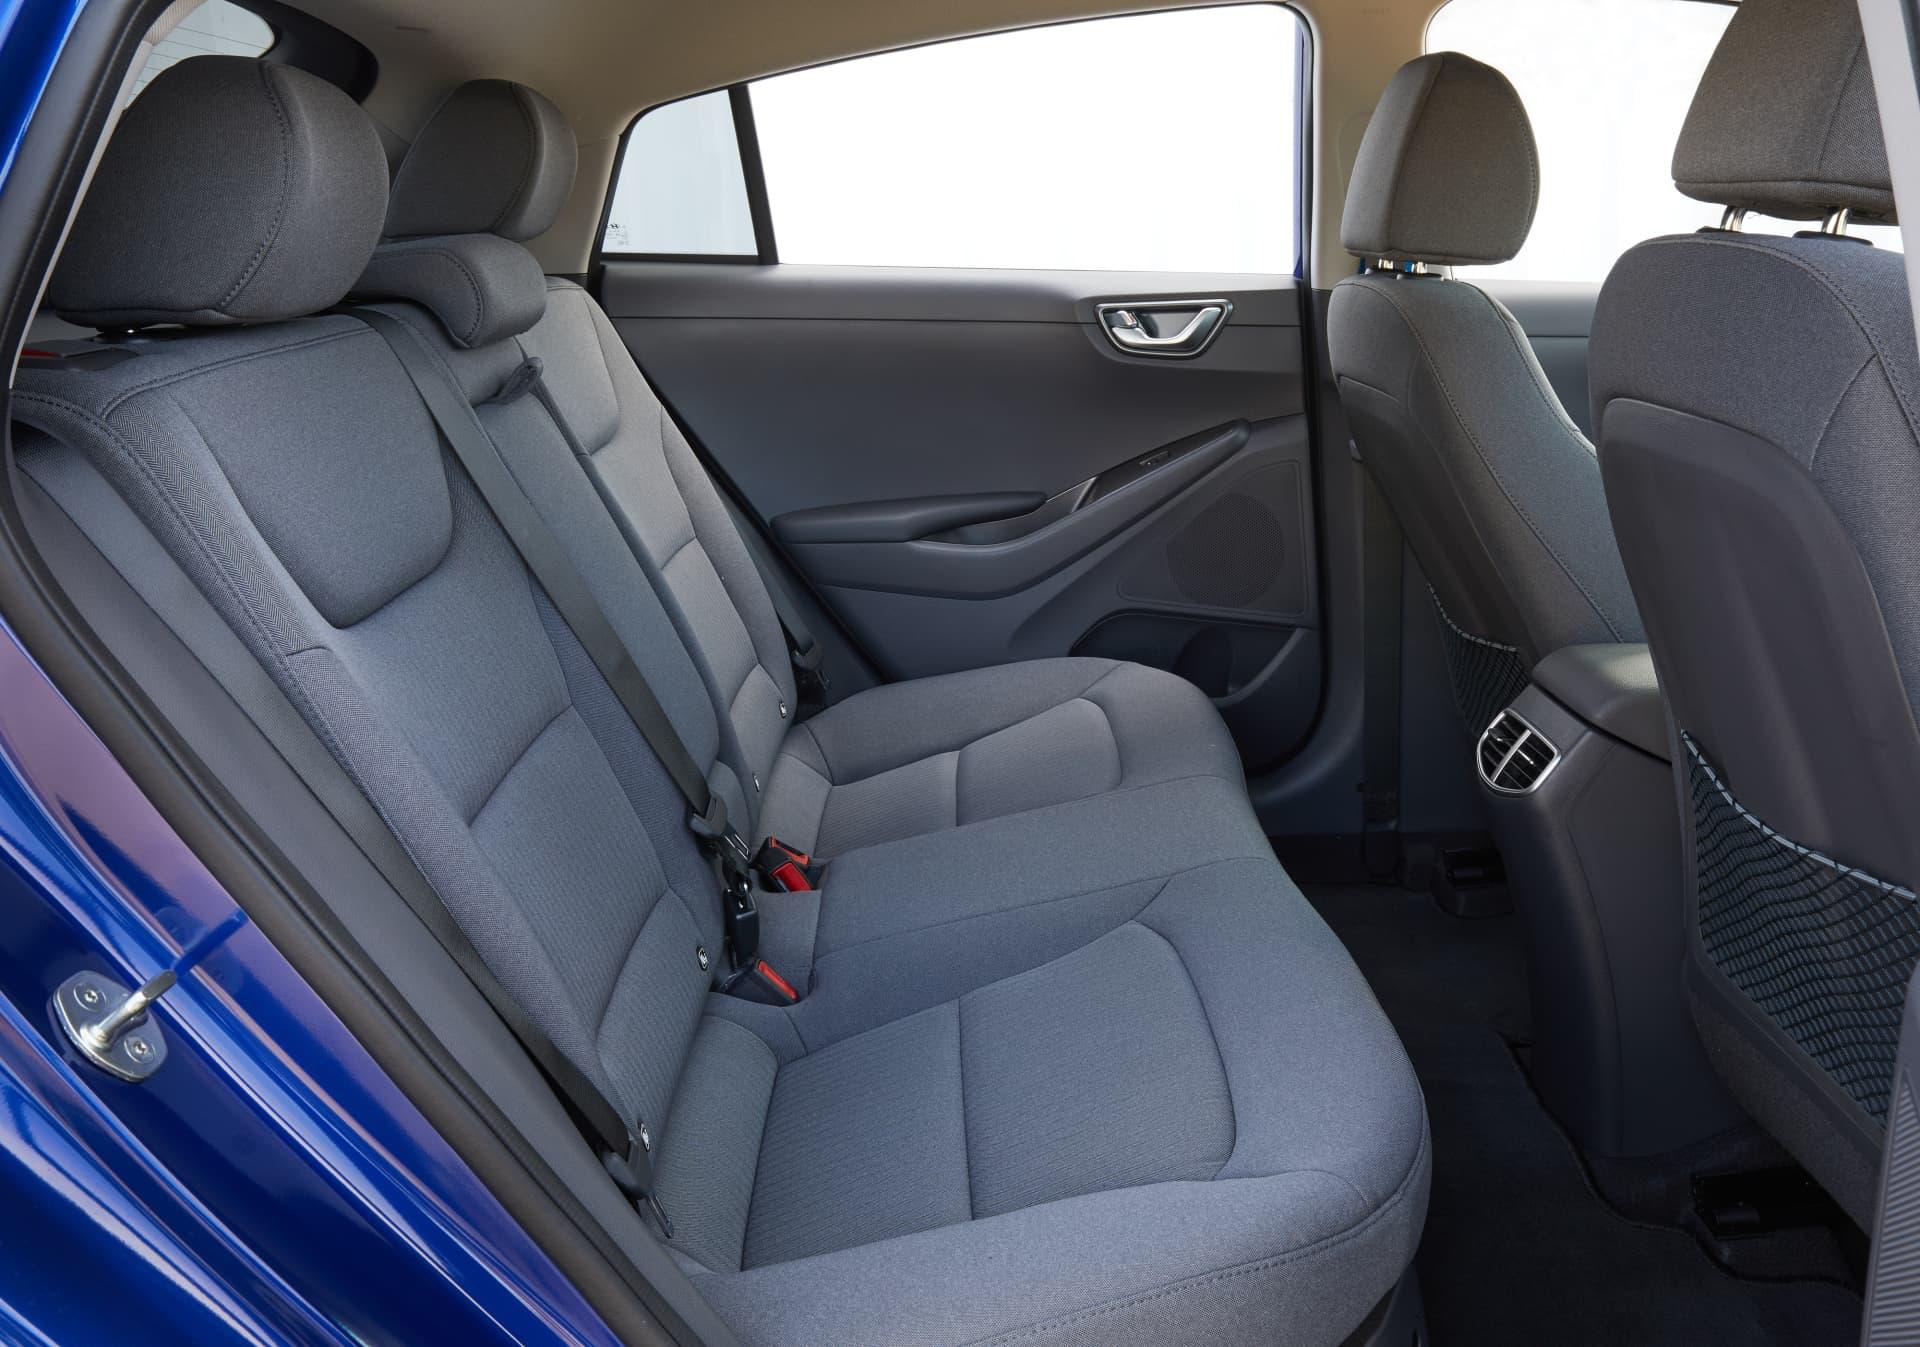 Hyundai Ioniq Hibrido Oferta Agosto 2020 13